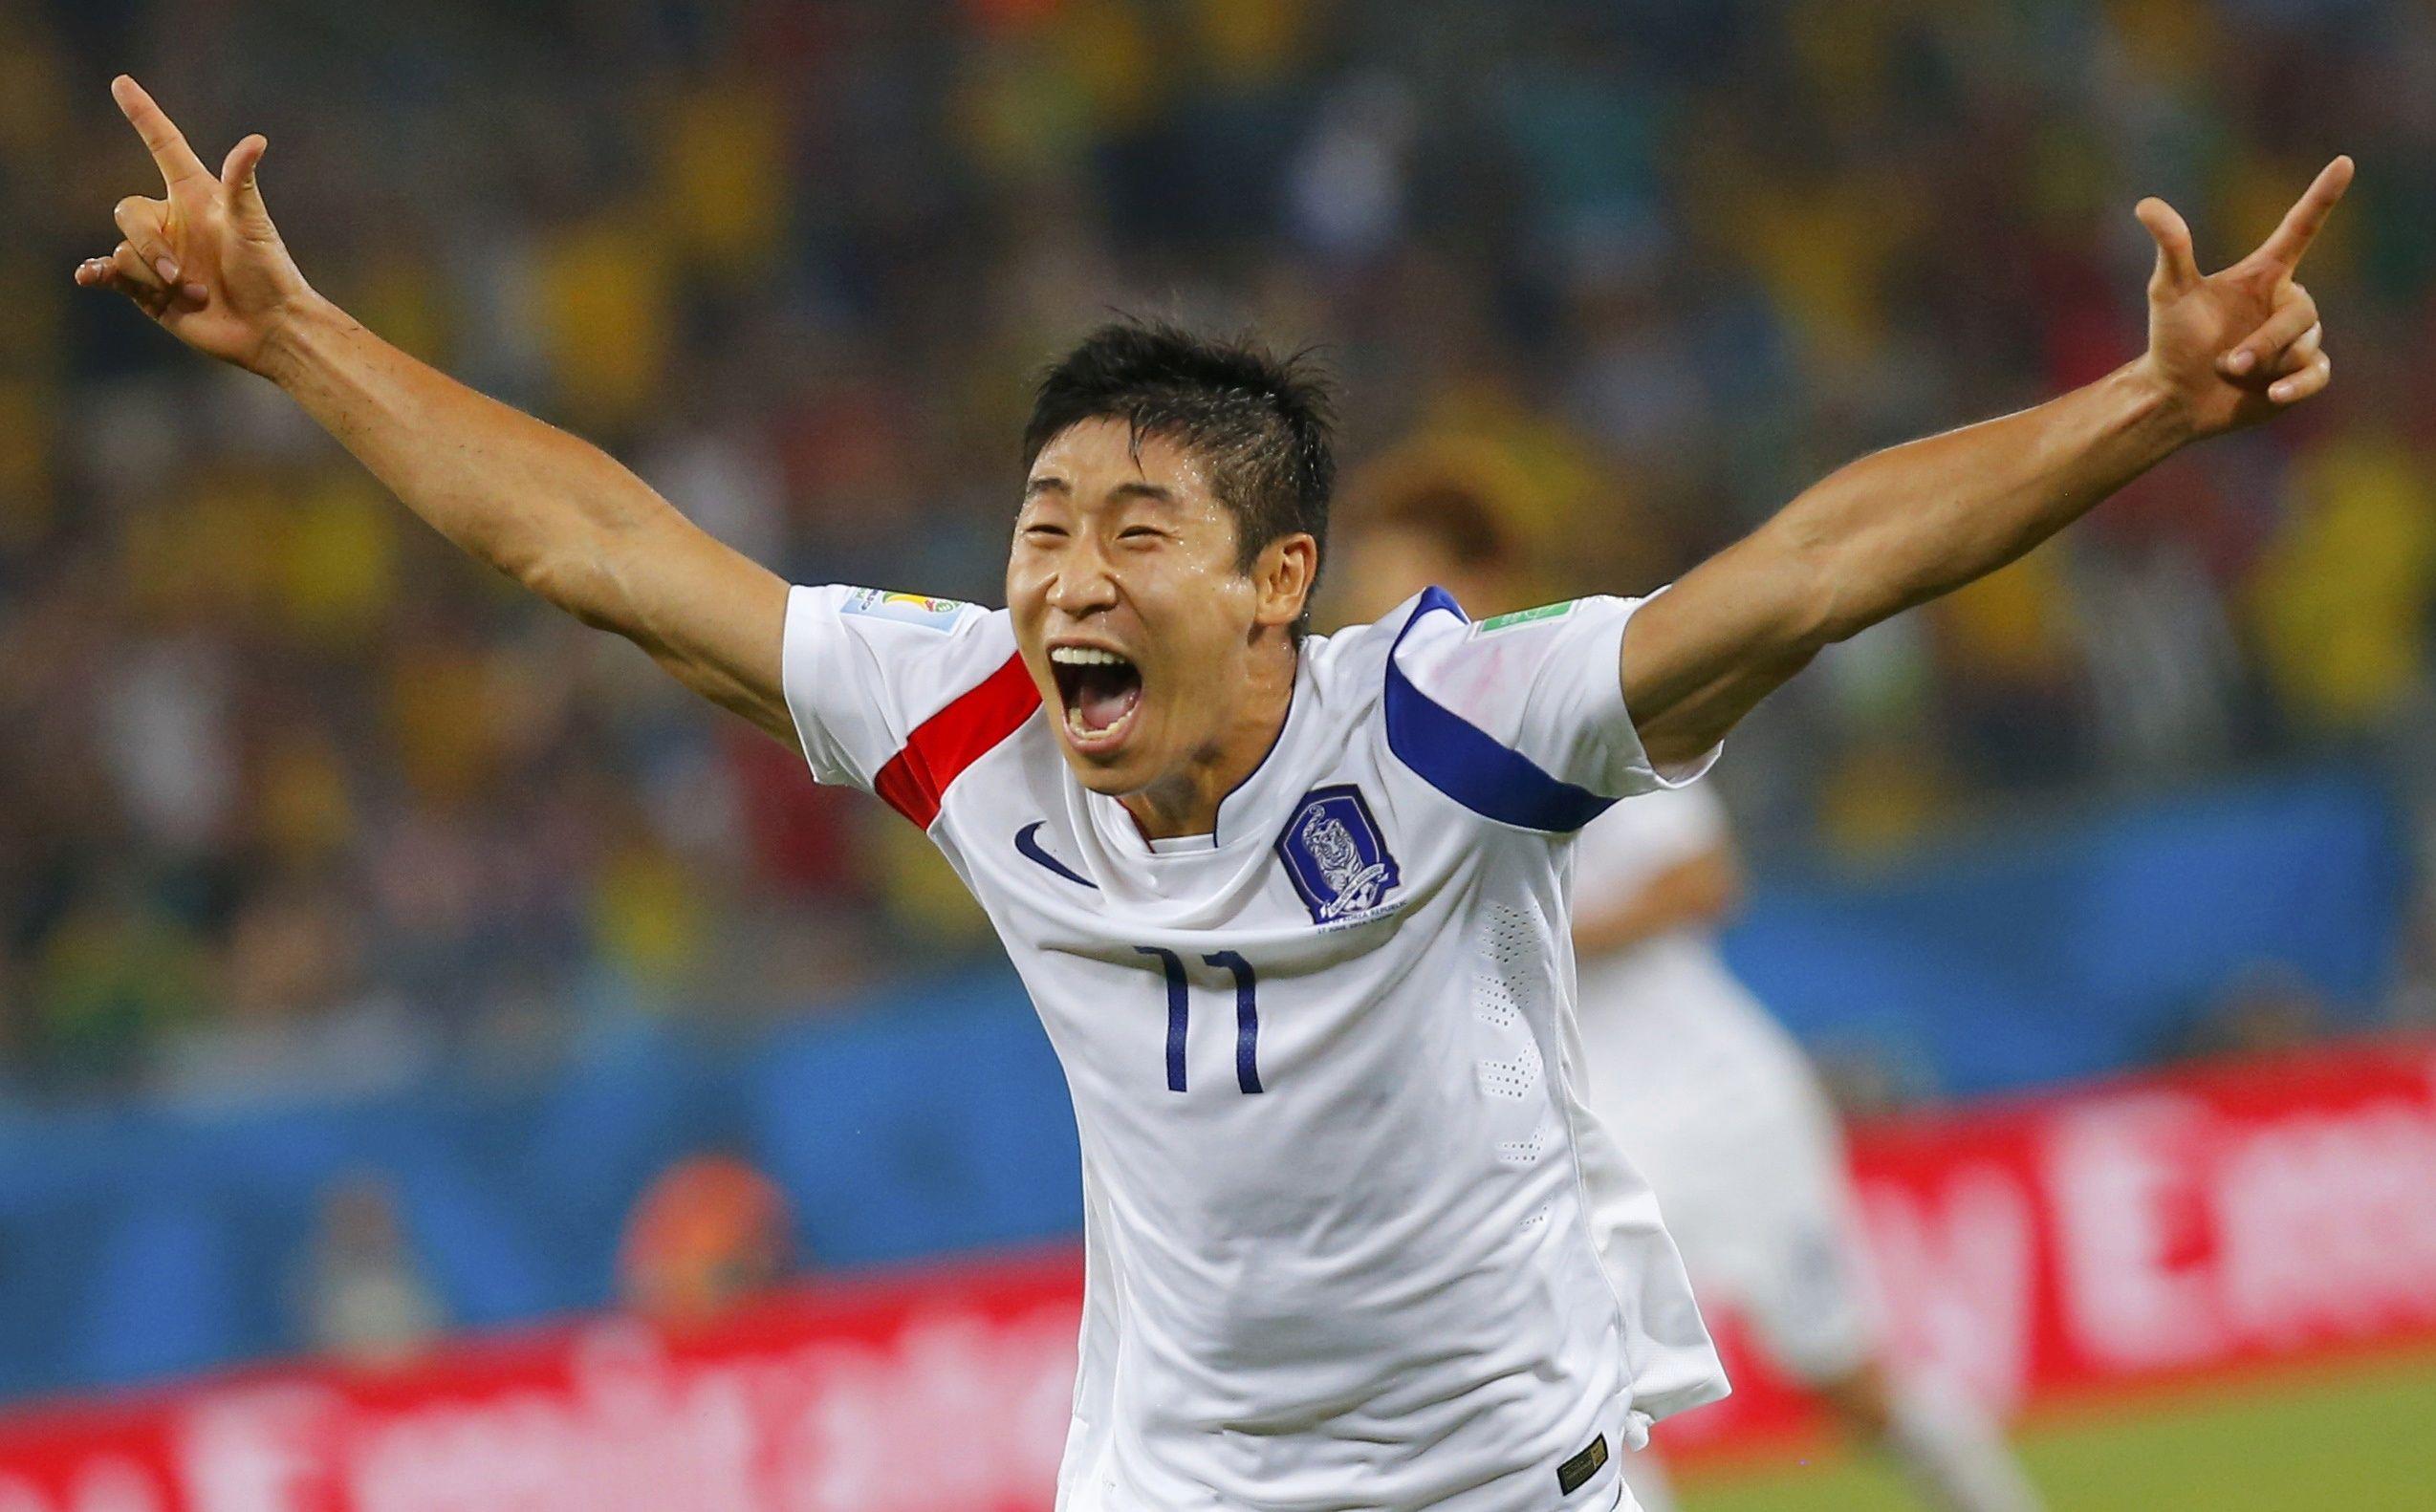 Корея открылда счет в матче